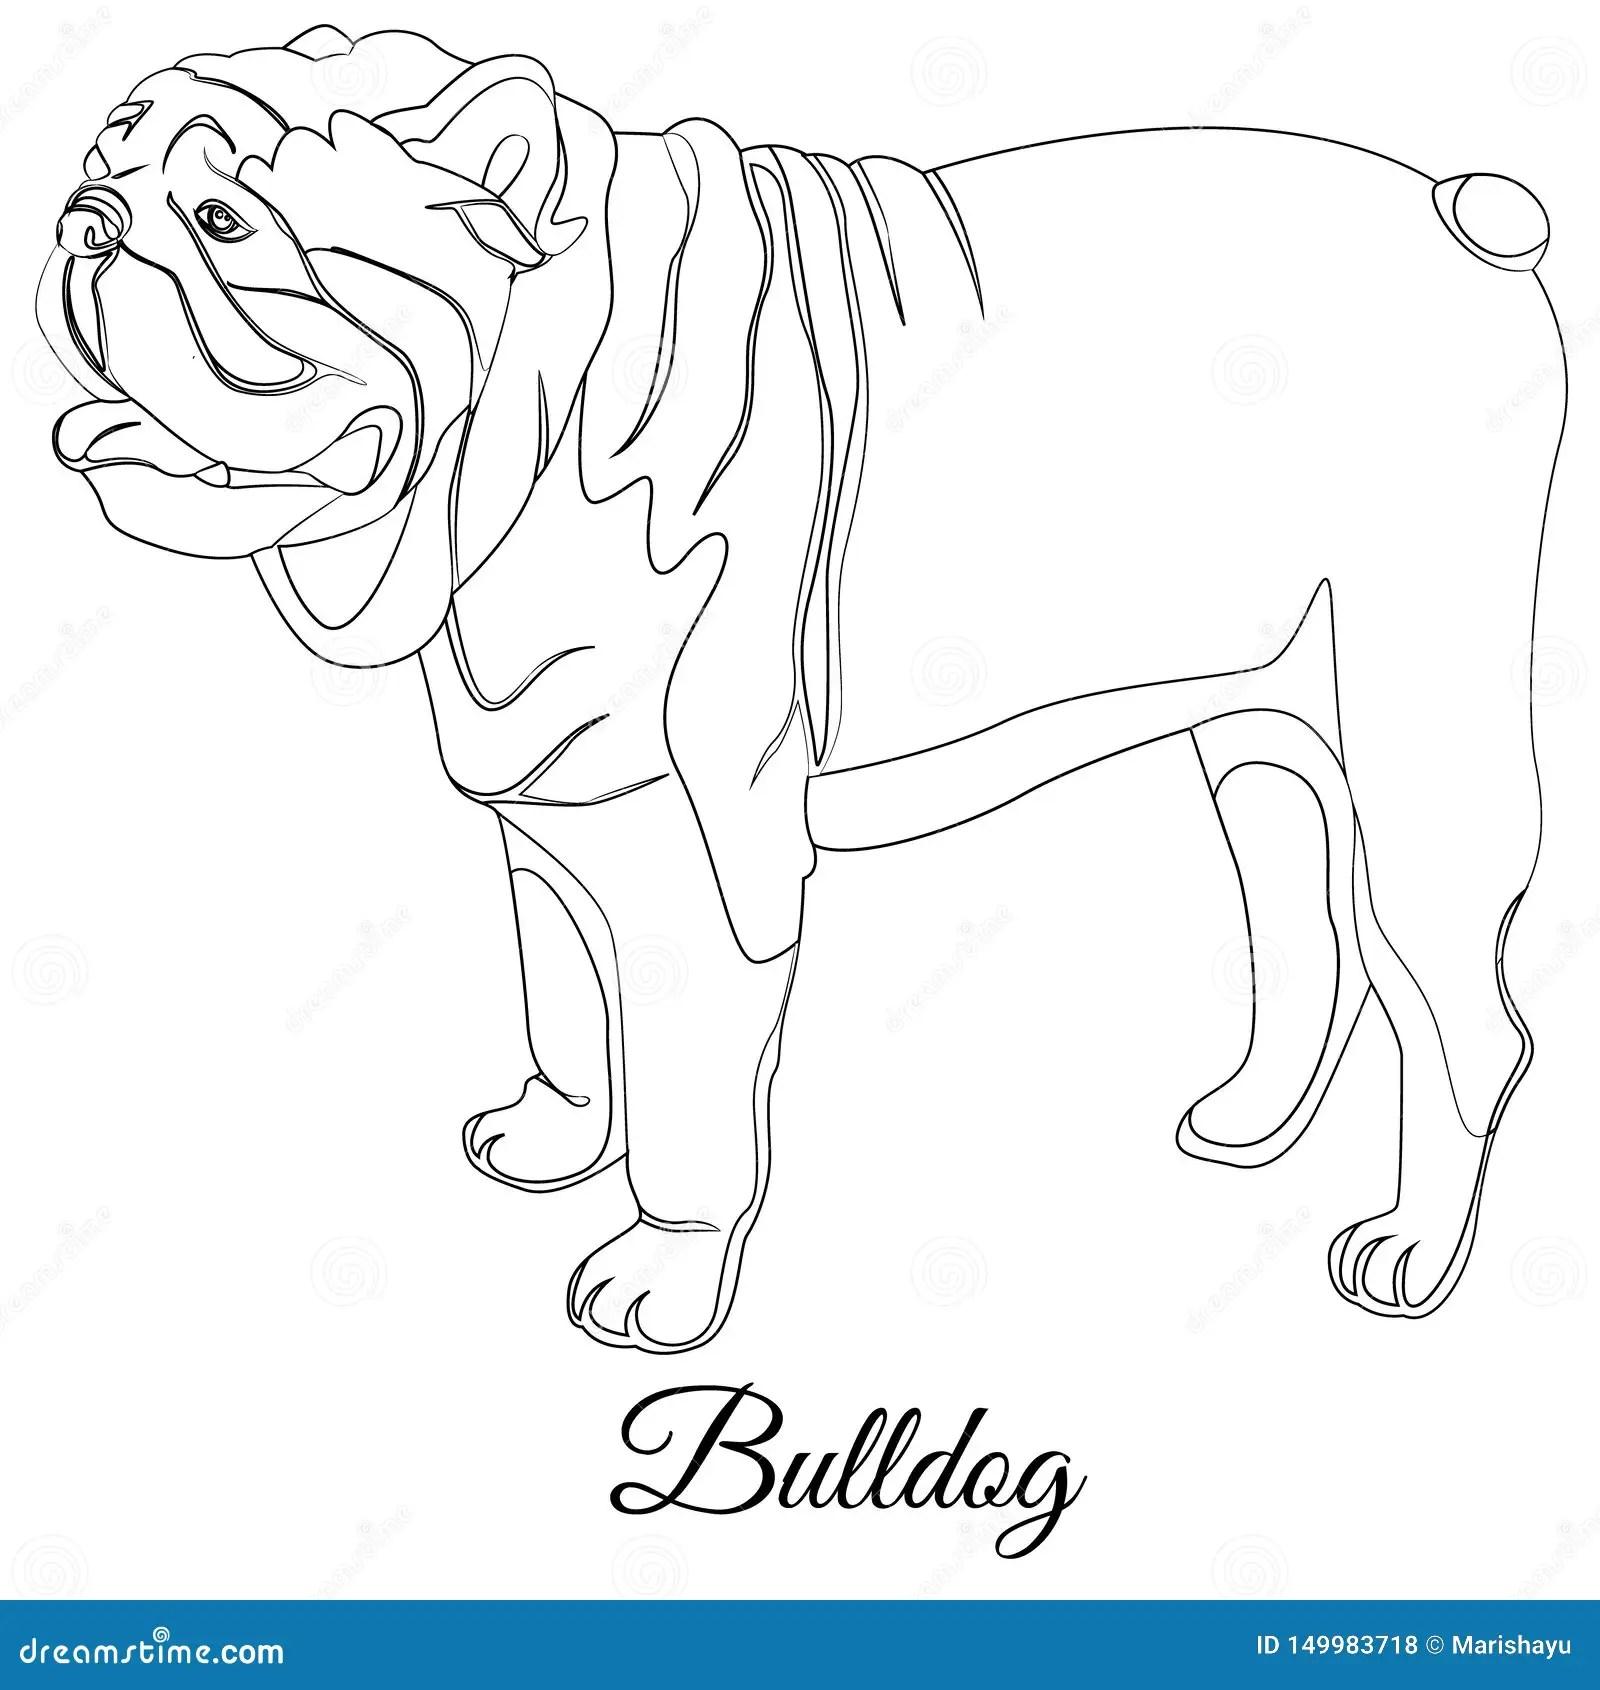 Bulldog Cartoon Dog Coloring Outline Stock Illustration Illustration Of Outline Coloring 149983718